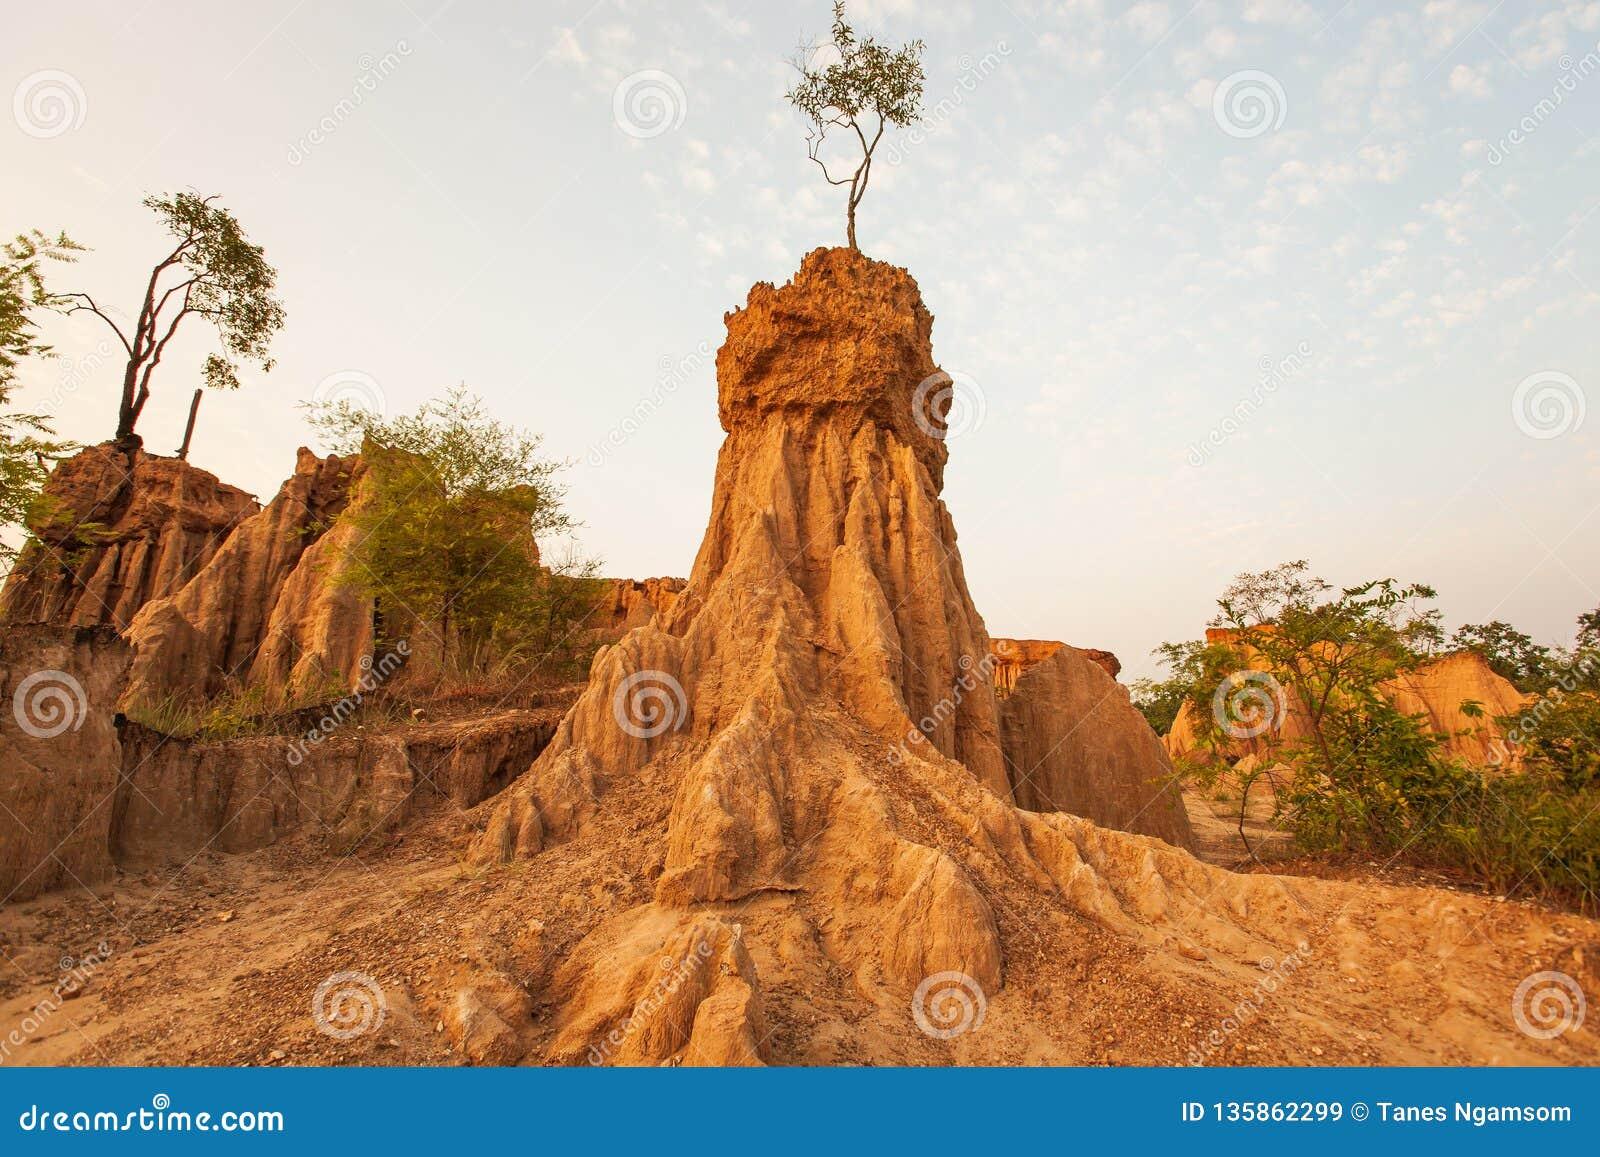 Αρχαίο φυσικό τοπίο στο ηλιοβασίλεμα Η περιοχή NA Noi Σάο DIN επιδεικνύει το γραφικό τοπίο των διαβρωμένων στυλοβατών ψαμμίτη, πα